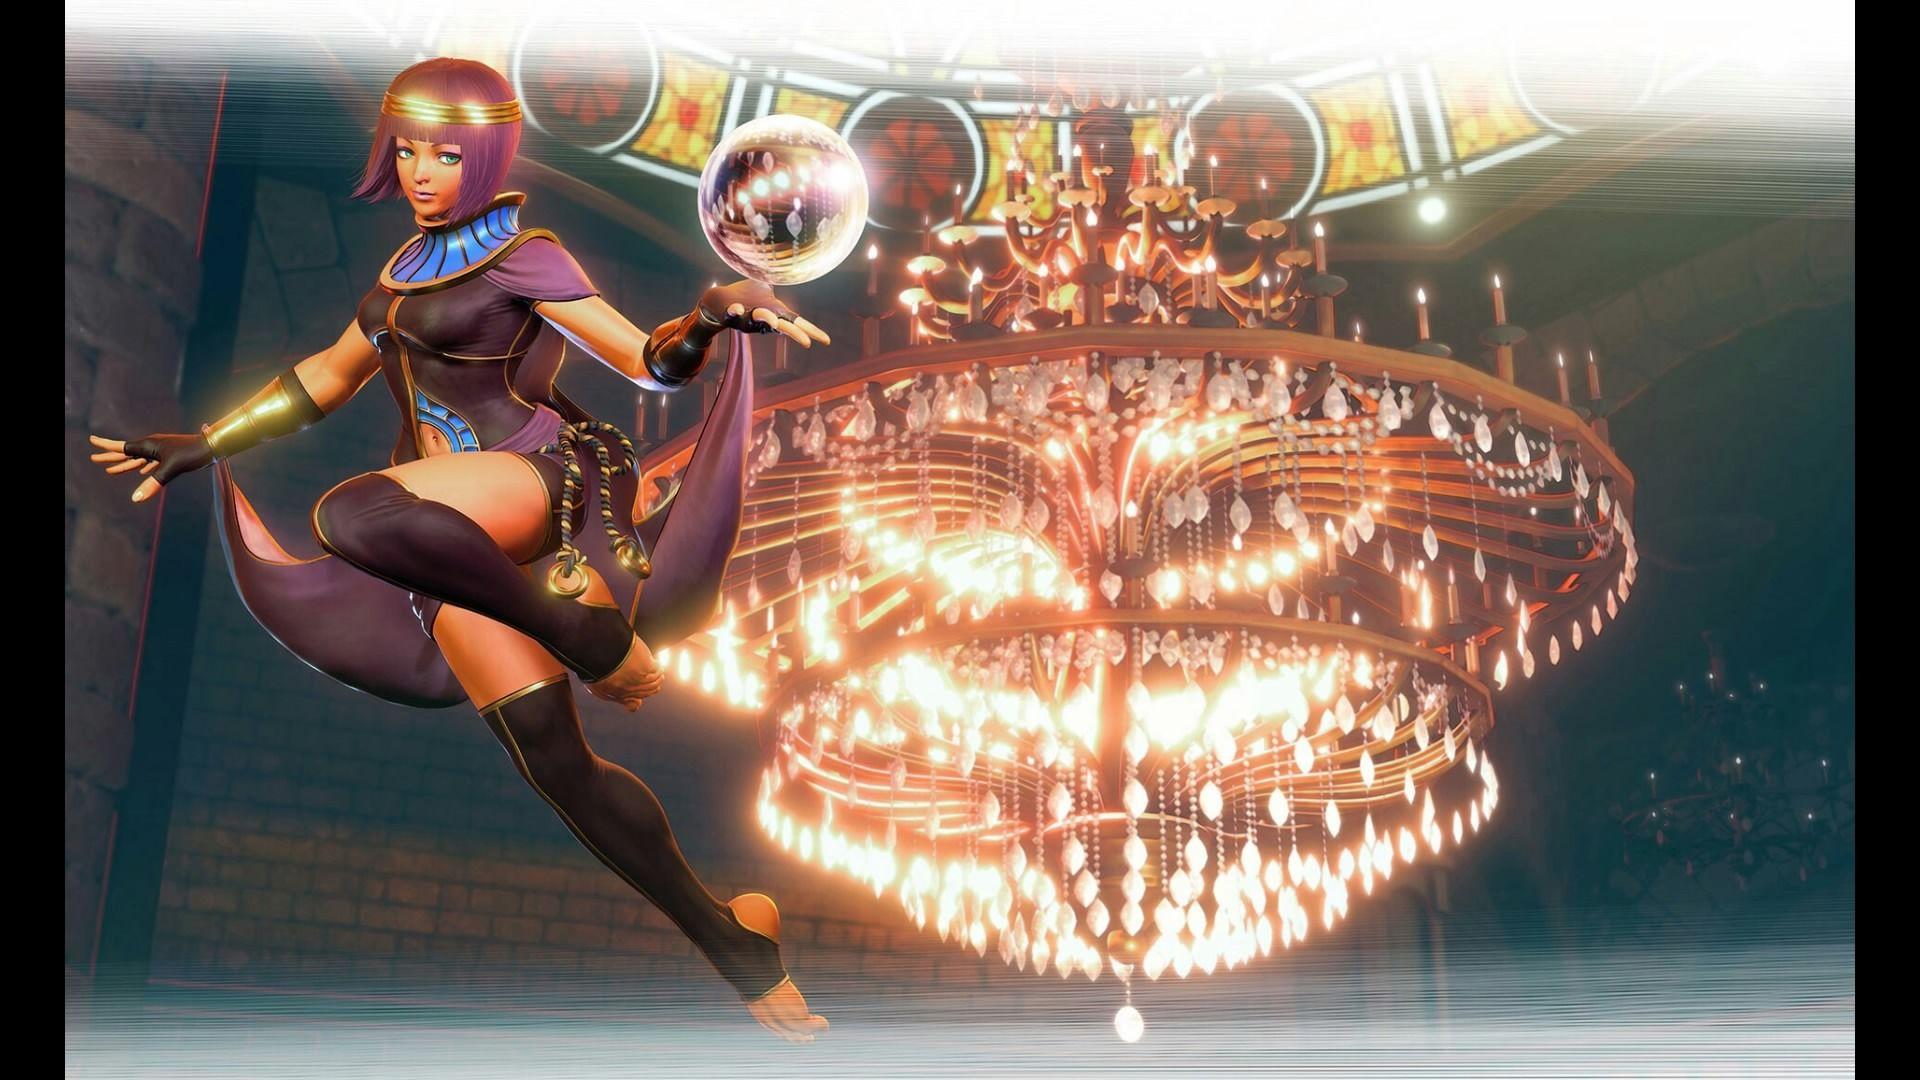 Menat Street Fighter V Street Fighter Street Fighter Art